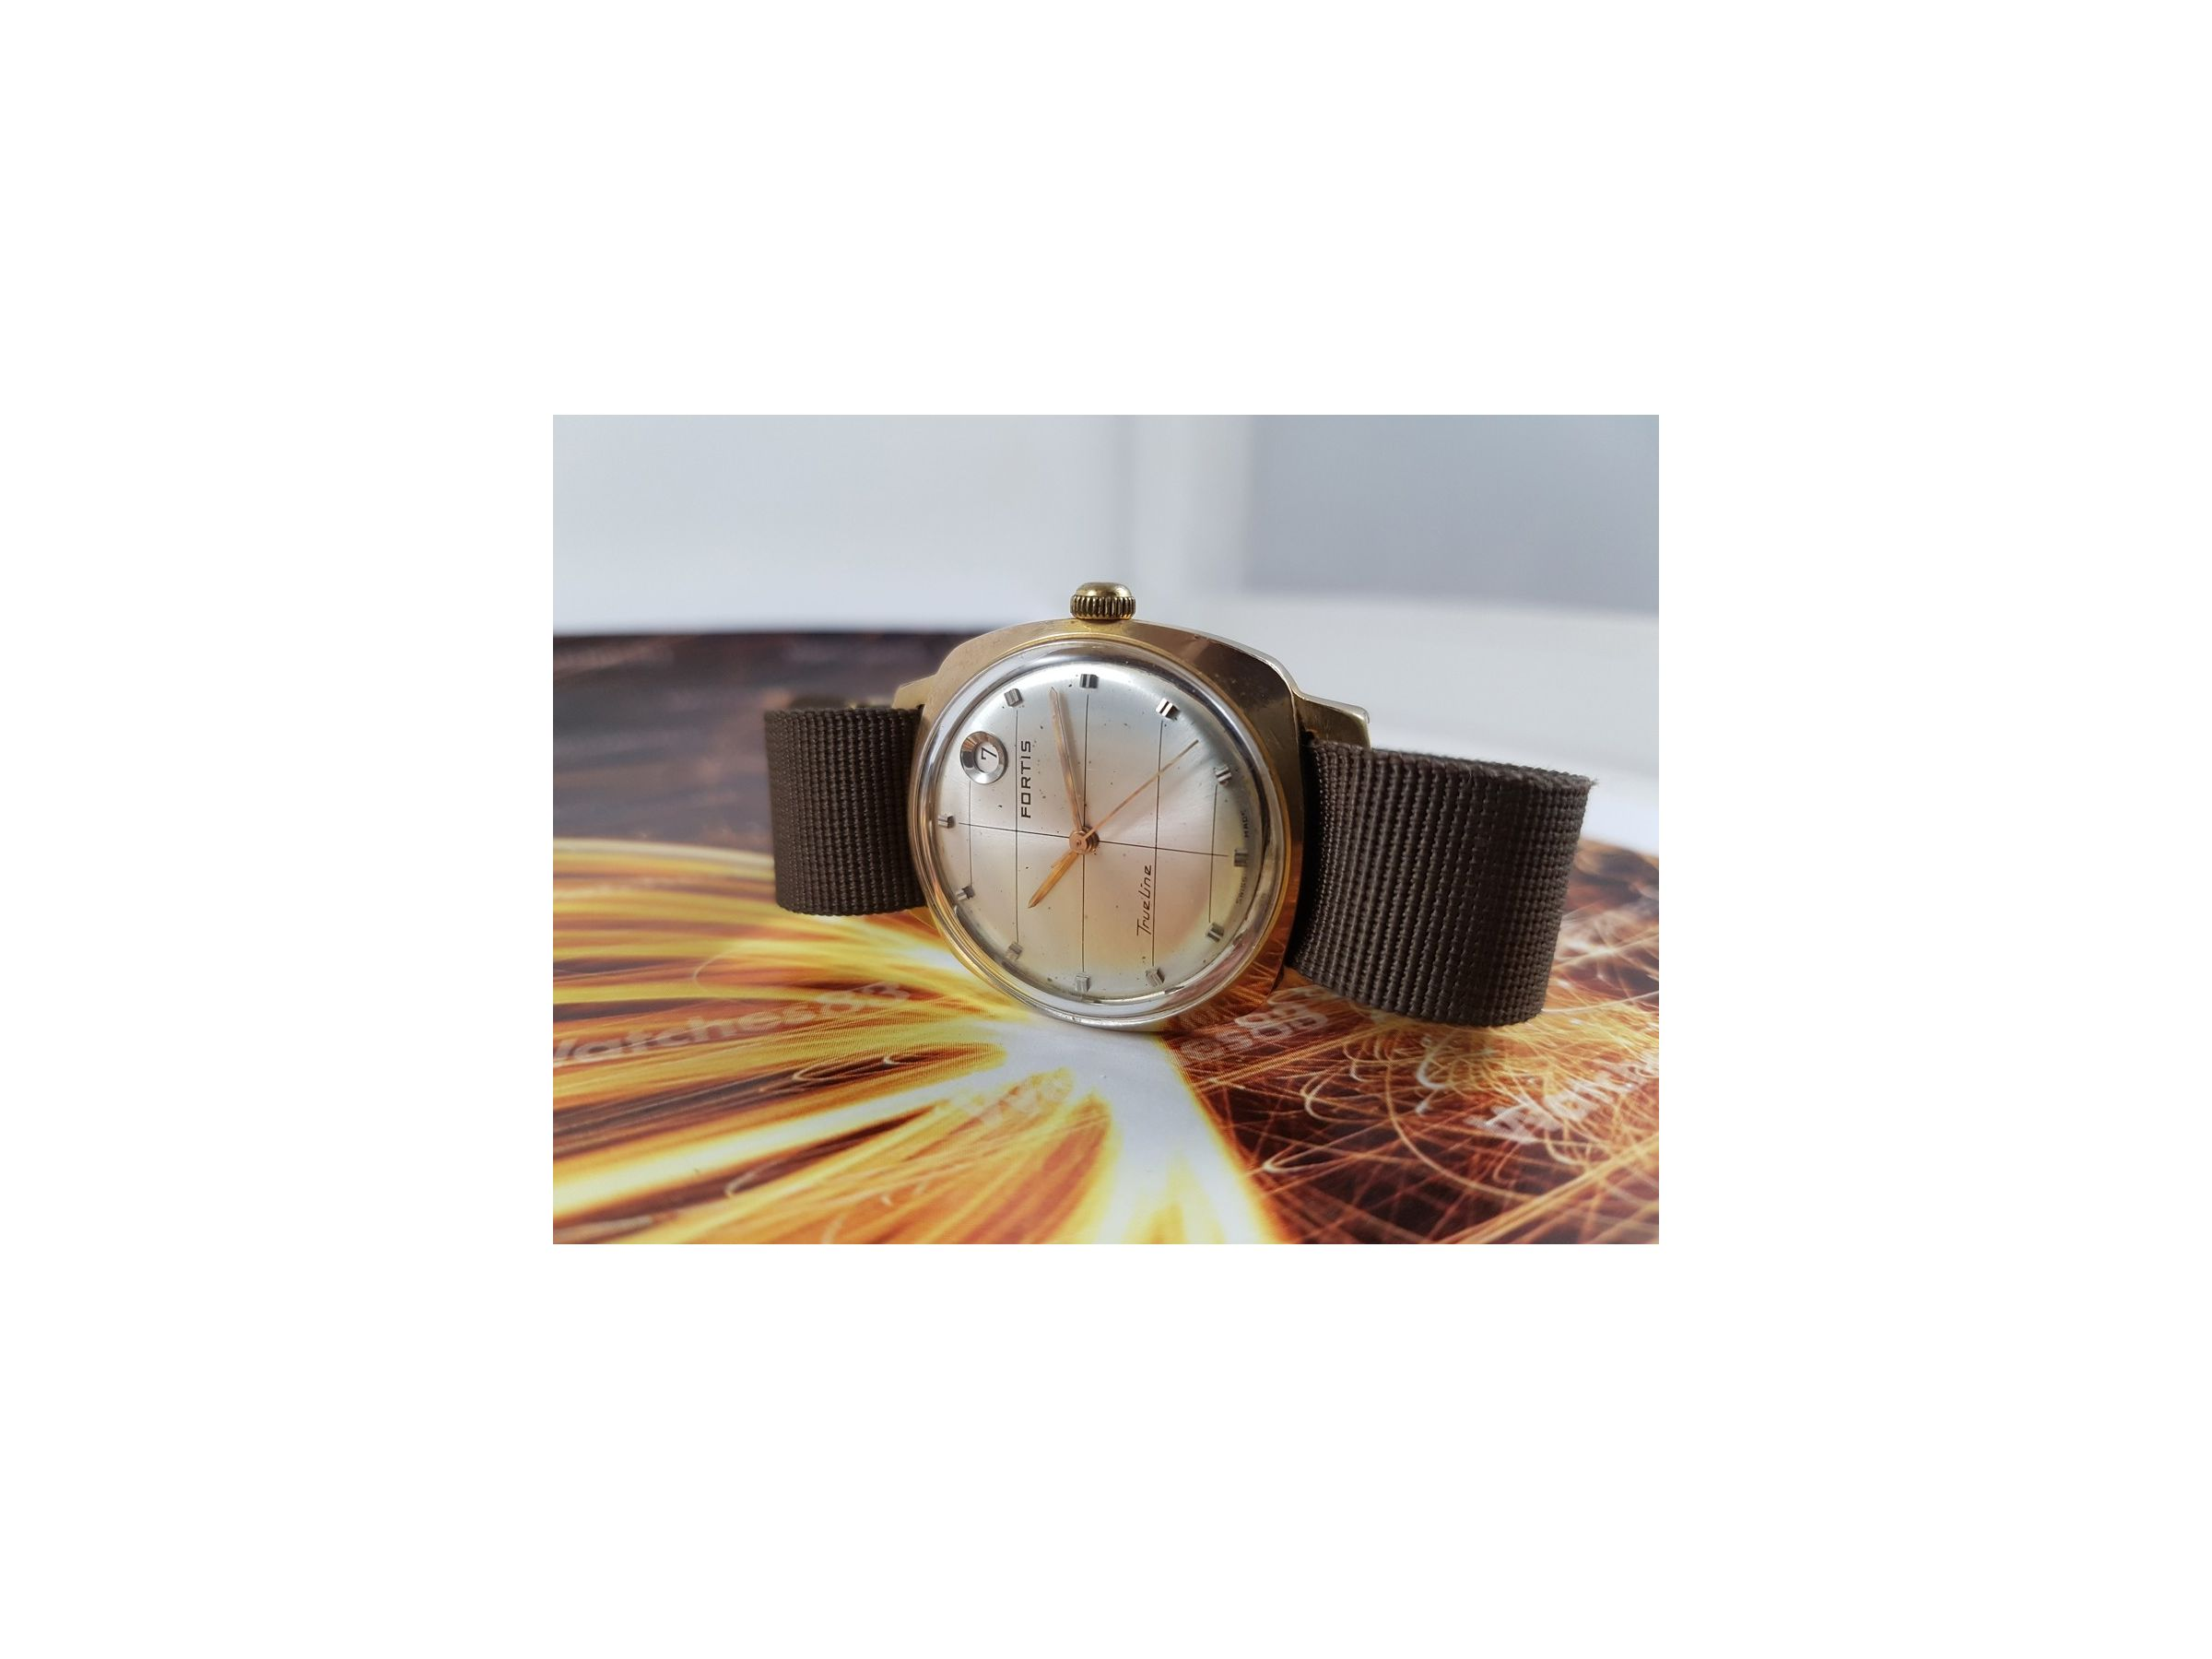 95770c9dd6c1 Reloj antiguo suizo Fortis True Line automático PRECIOSO Plaqué OR ...